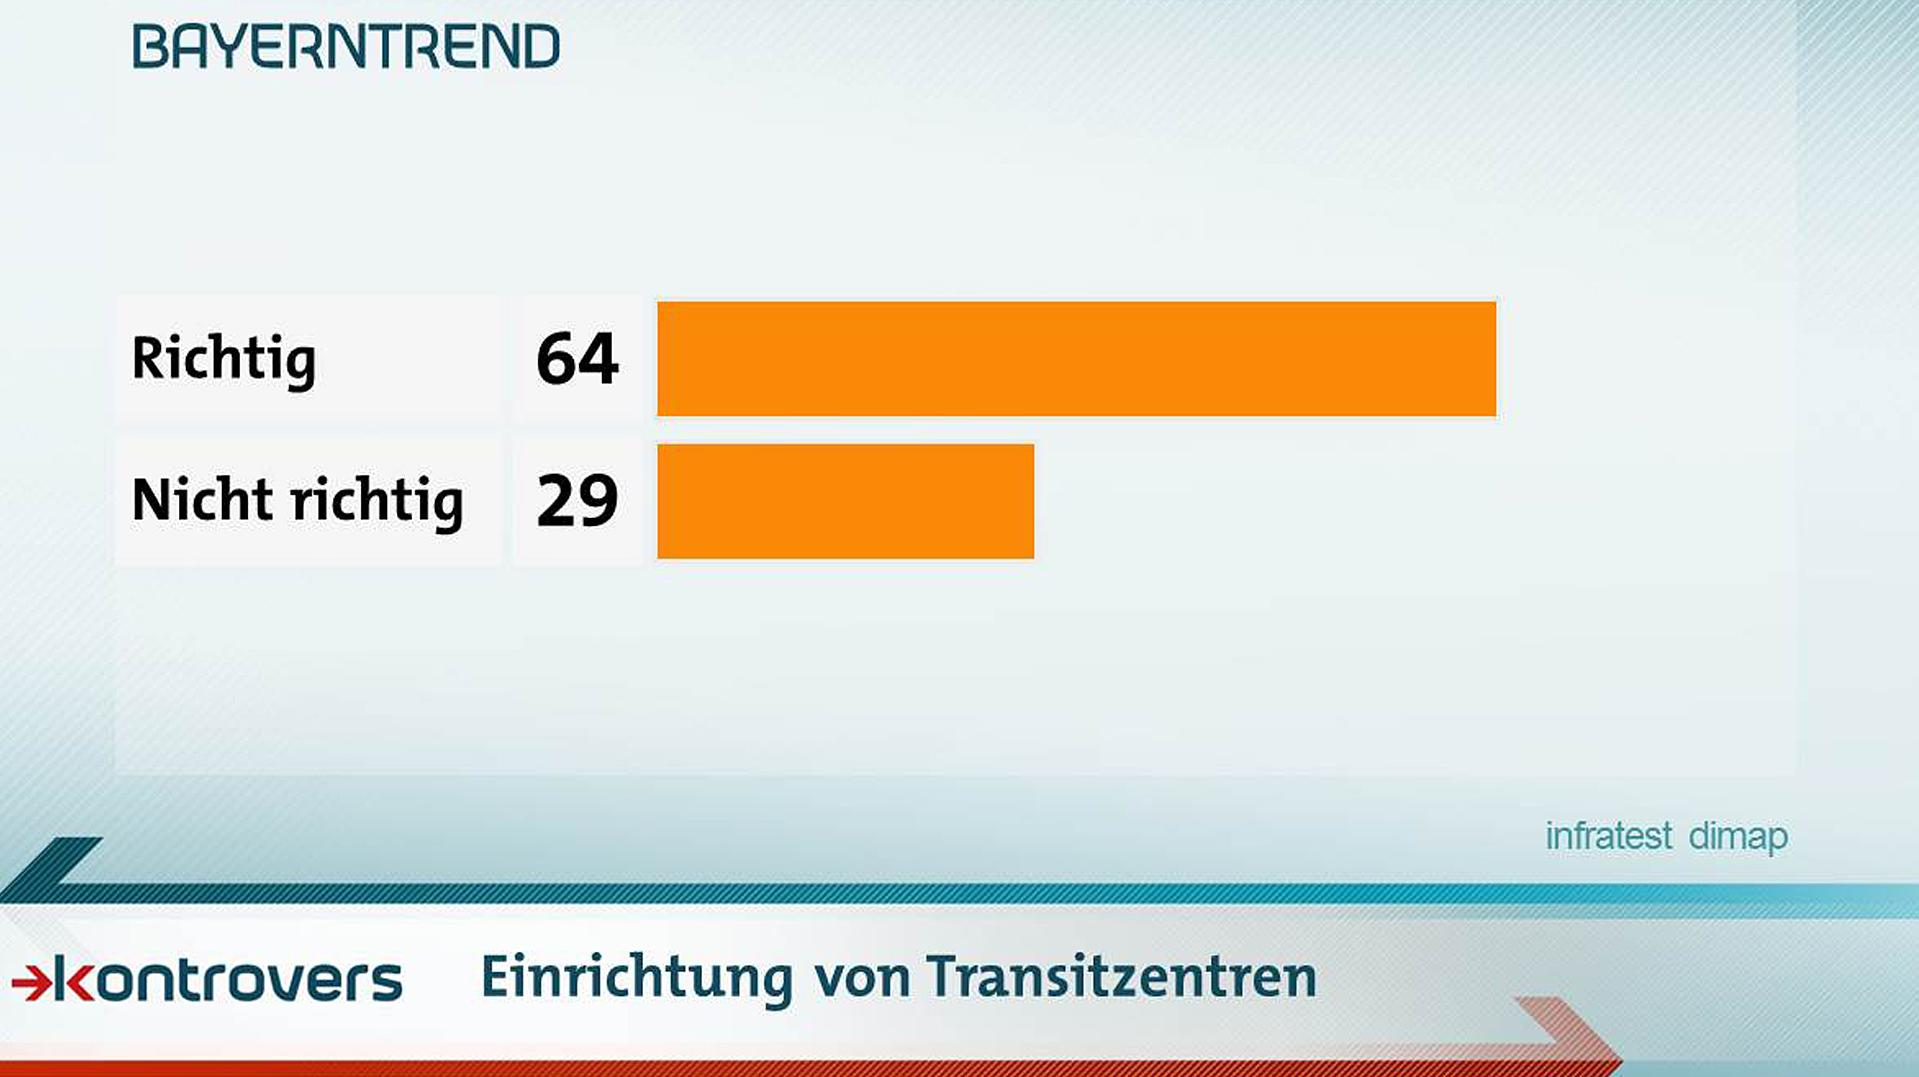 Ist die Einrichtung von Transitzentren richtig? 64 Prozent sagen ja, 29 sagen nein.